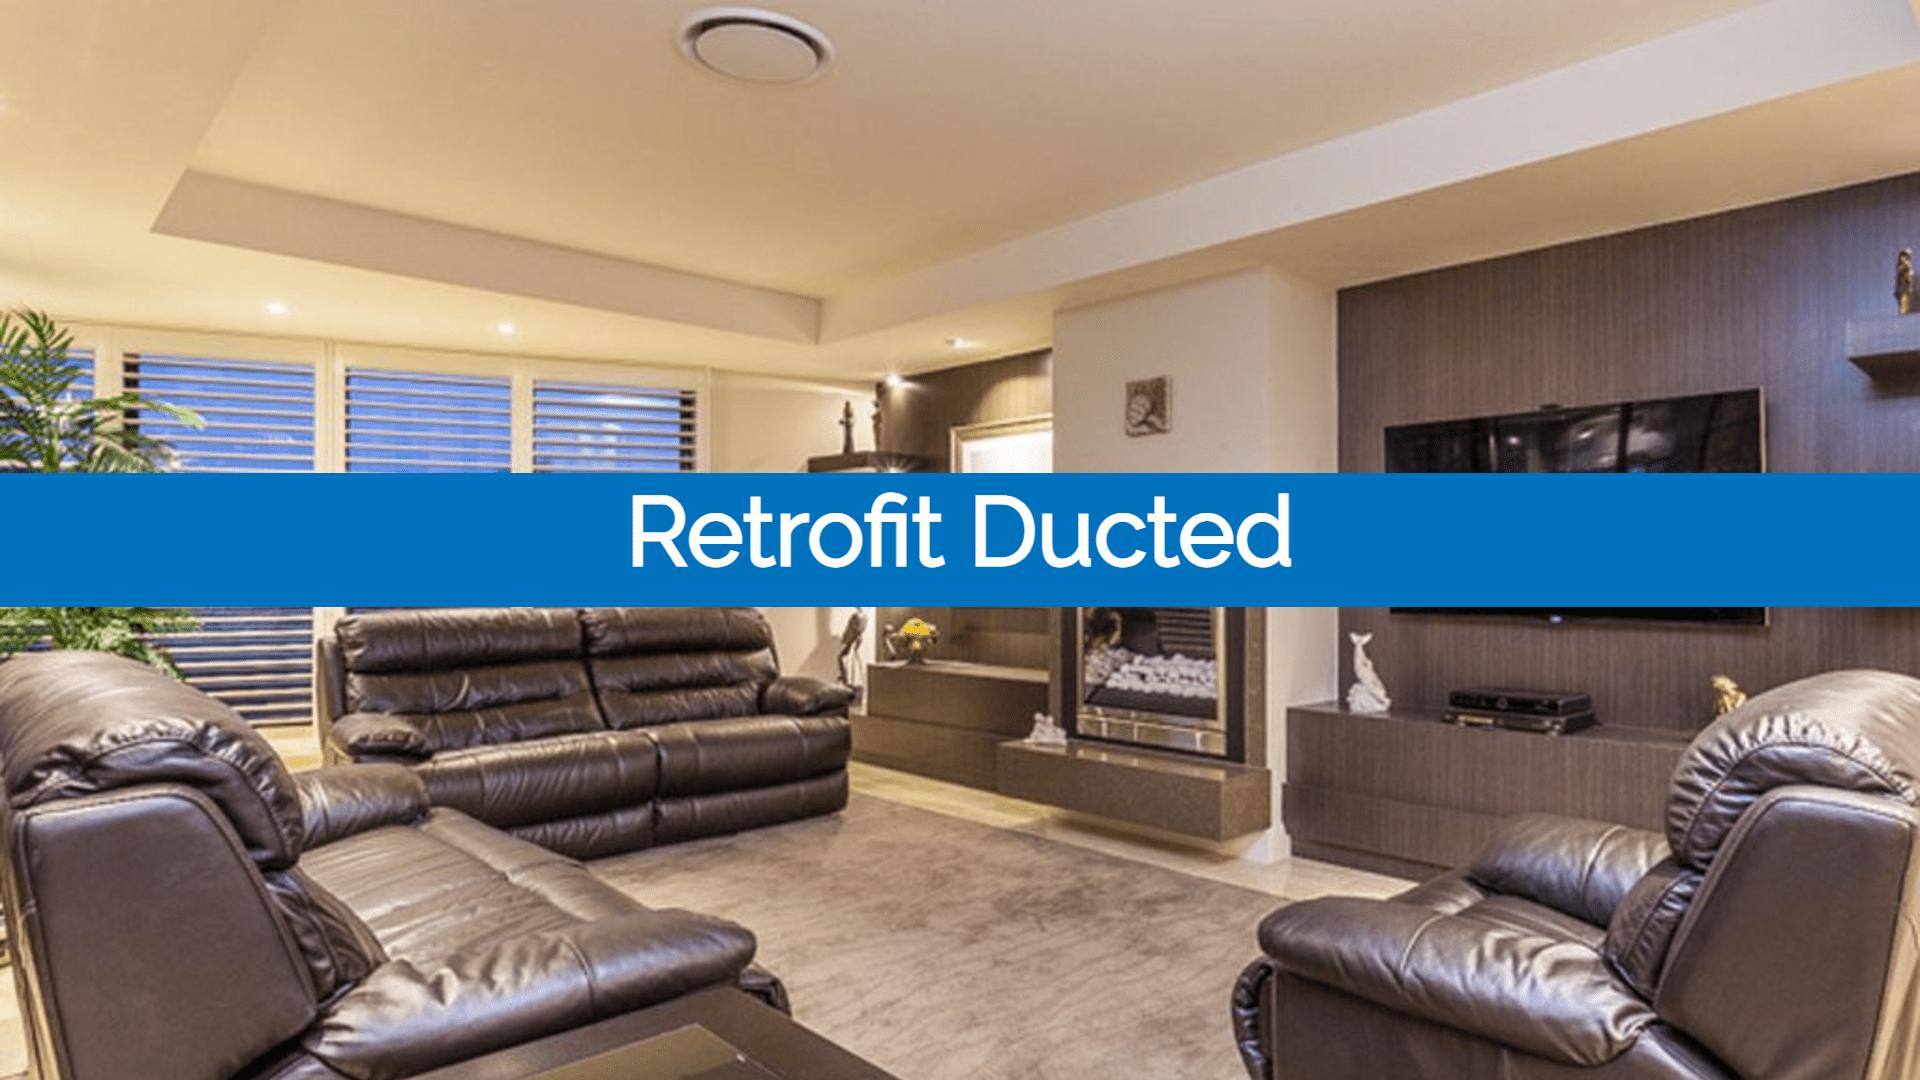 retrofit ducted air conditioner north brisbane